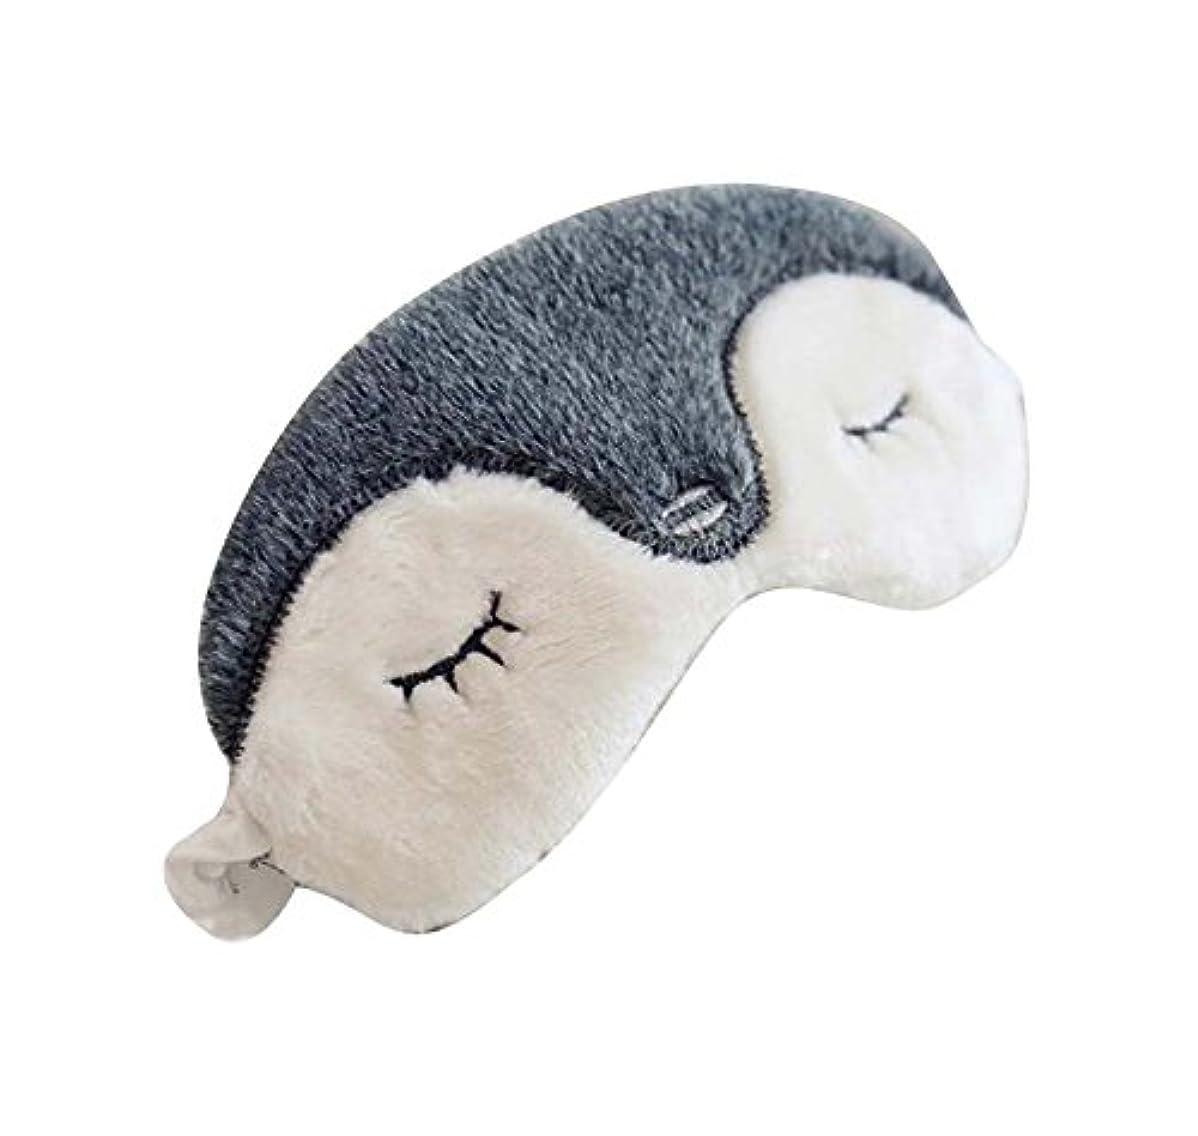 器用経済的フィヨルドかわいい睡眠マスクアイマスク - セラピー不眠症 - 男性、女性、女の子、子供、F